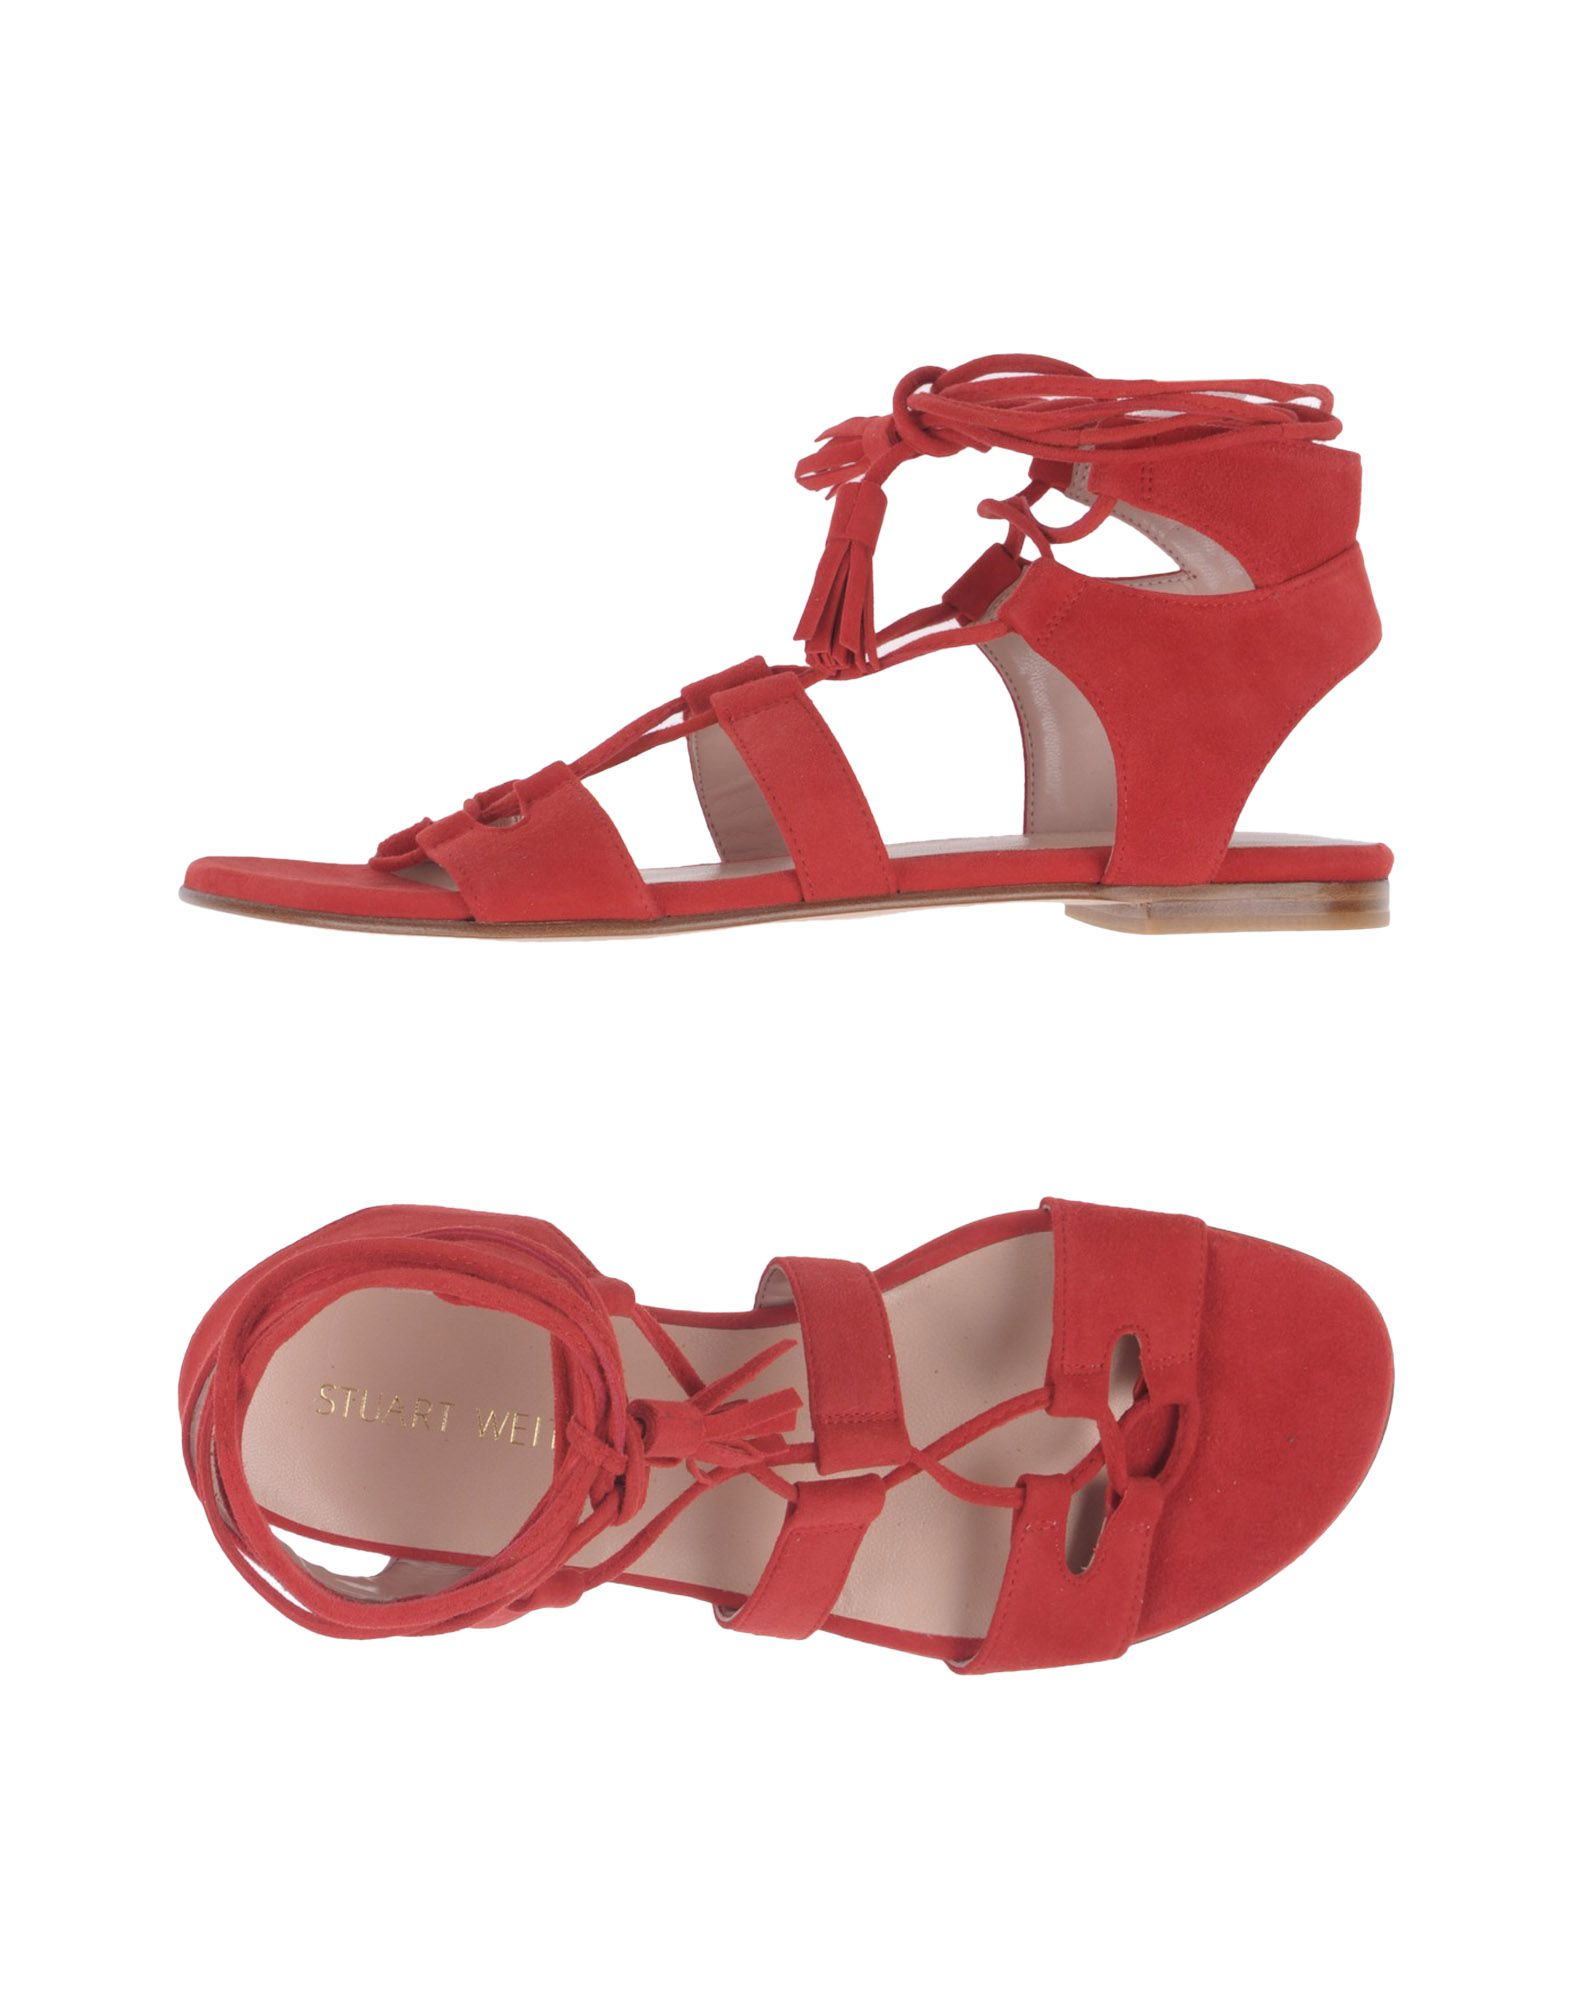 Rabatt Schuhe Stuart Weitzman Sandalen 11190702XO Damen  11190702XO Sandalen 7606da